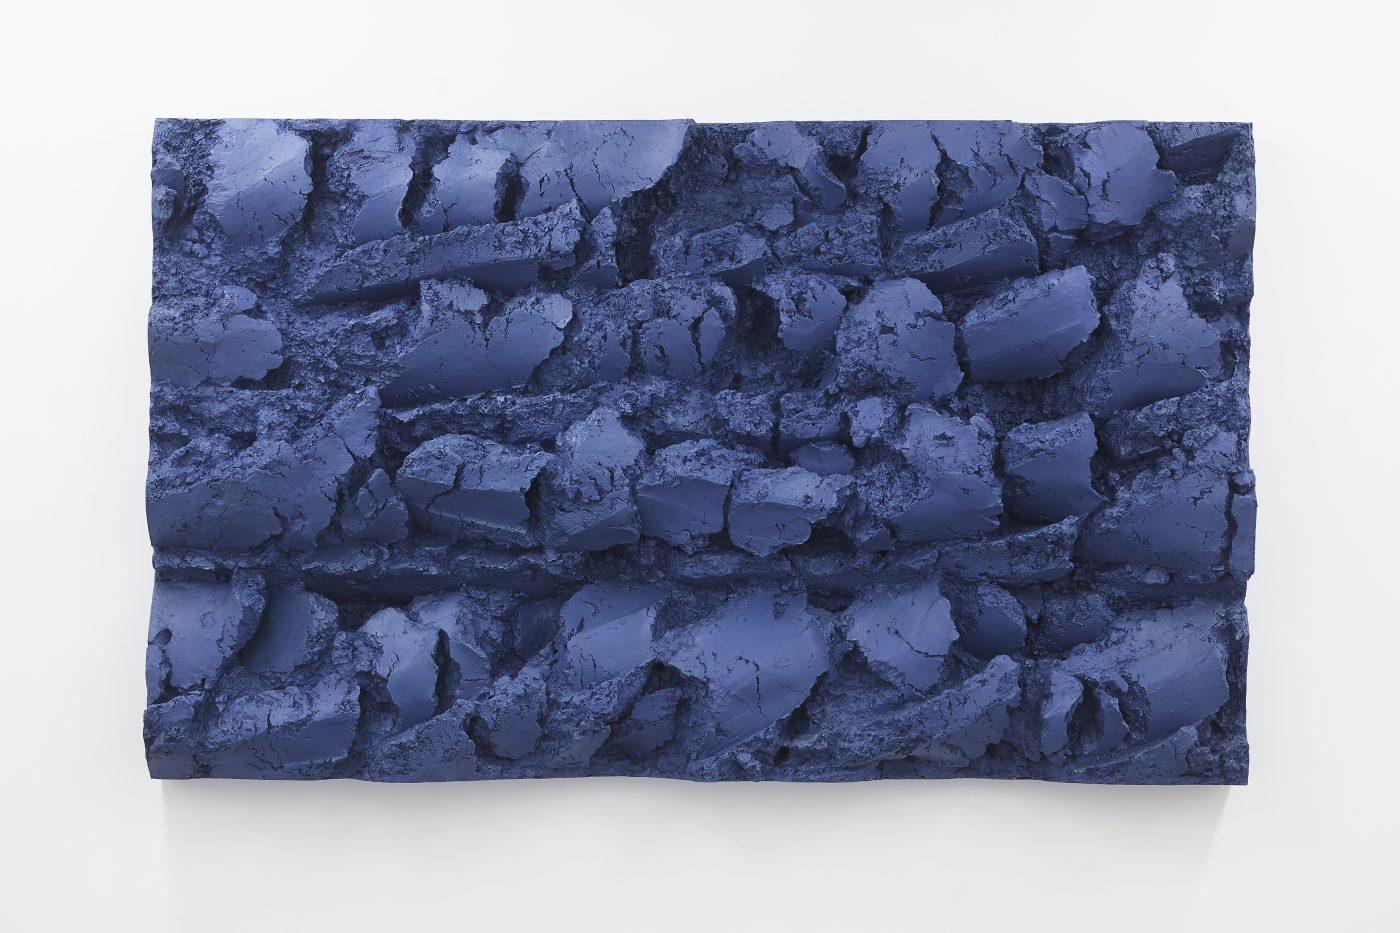 Galerie Lange + Pult – Artgenève 2015